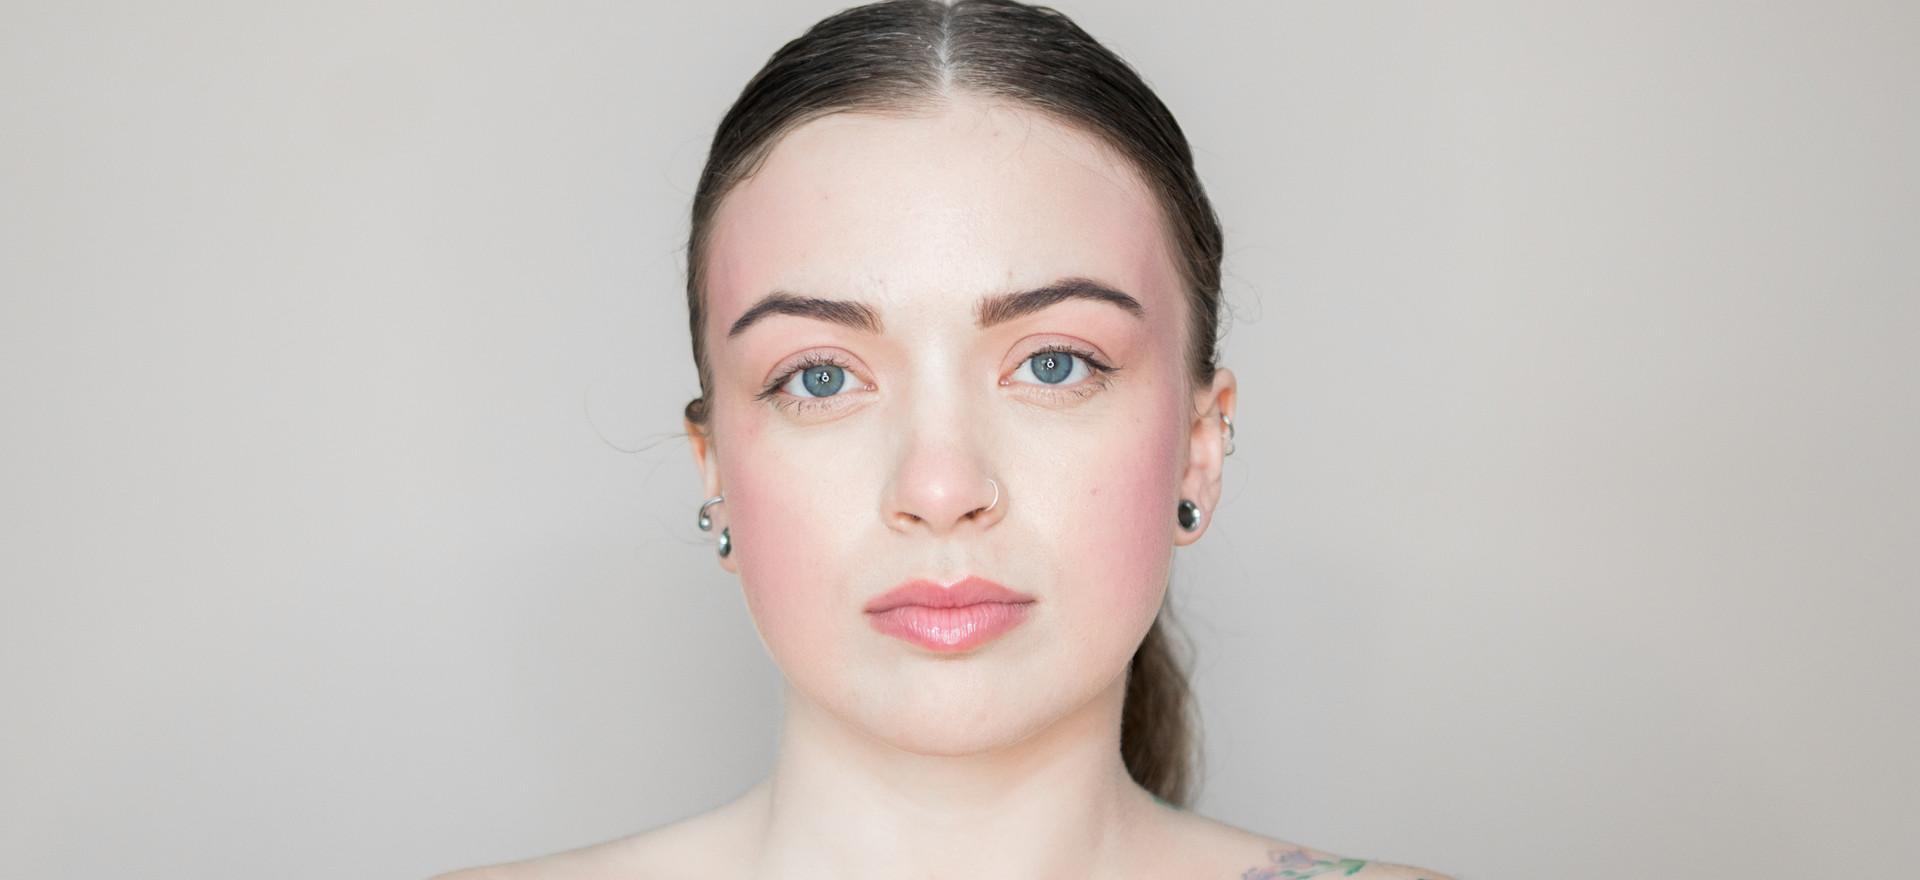 Makeup-Editorial-7272.JPG